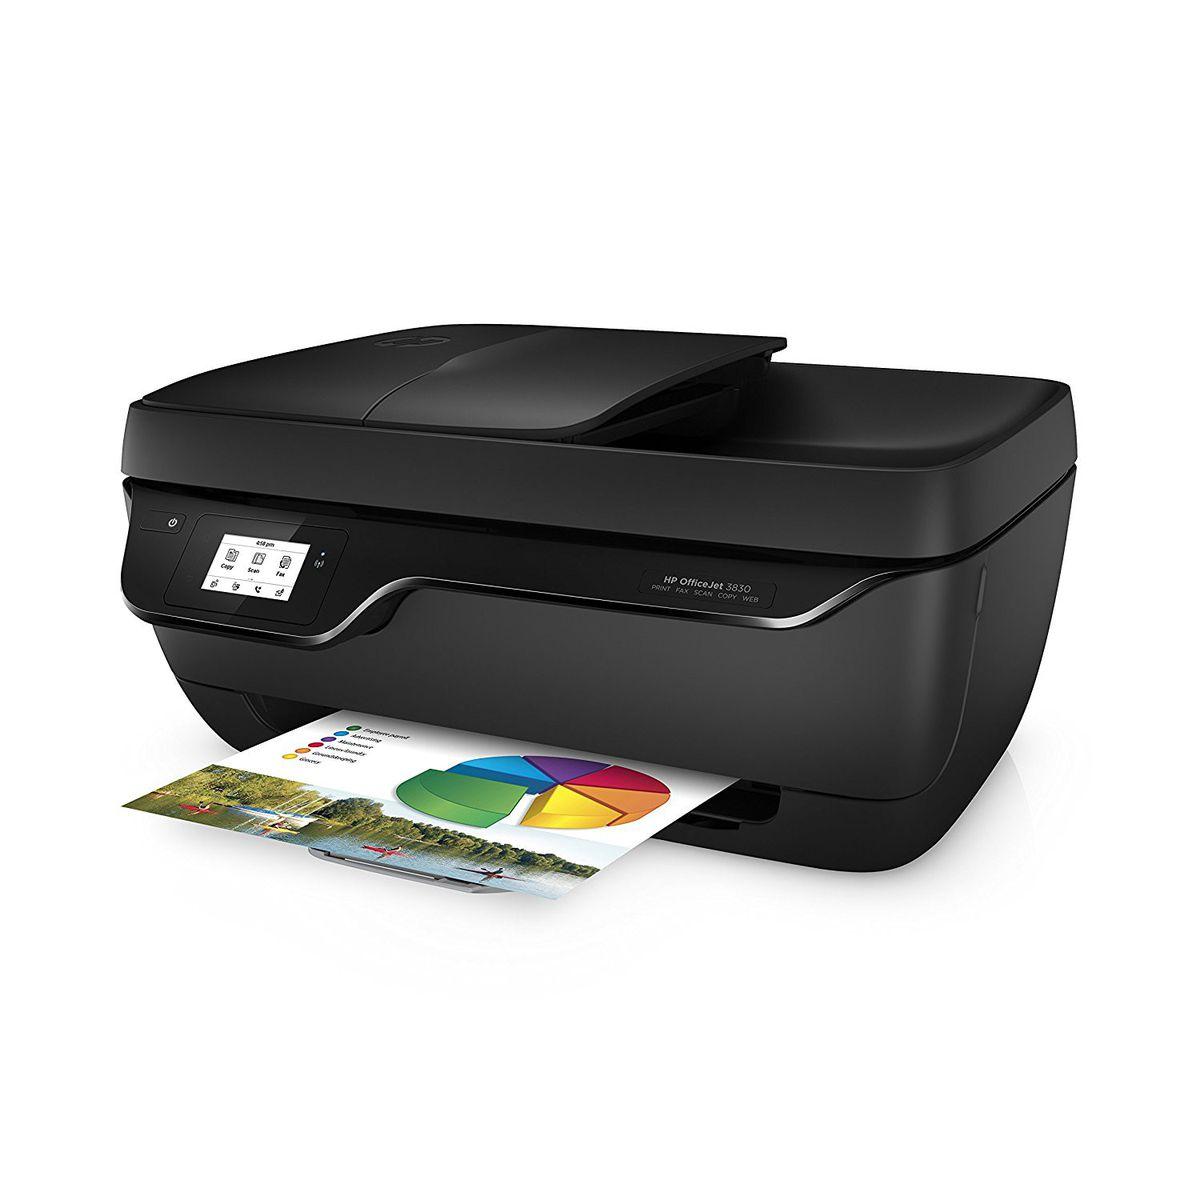 hp officejet 3830 4 in 1 wi fi inkjet printer buy online in south